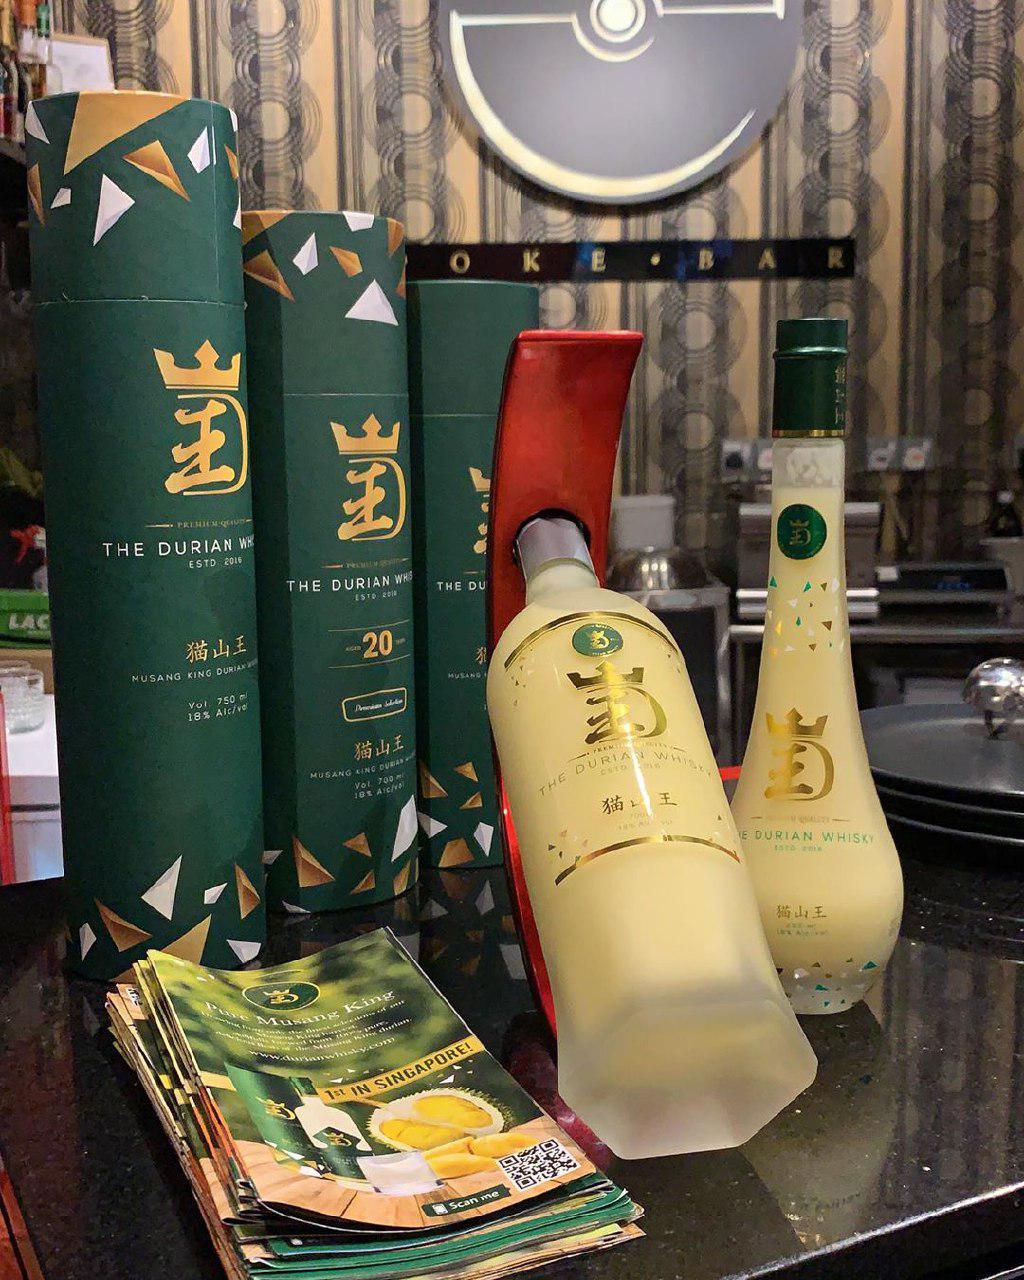 Yummy Food Fair - Durian Whisky